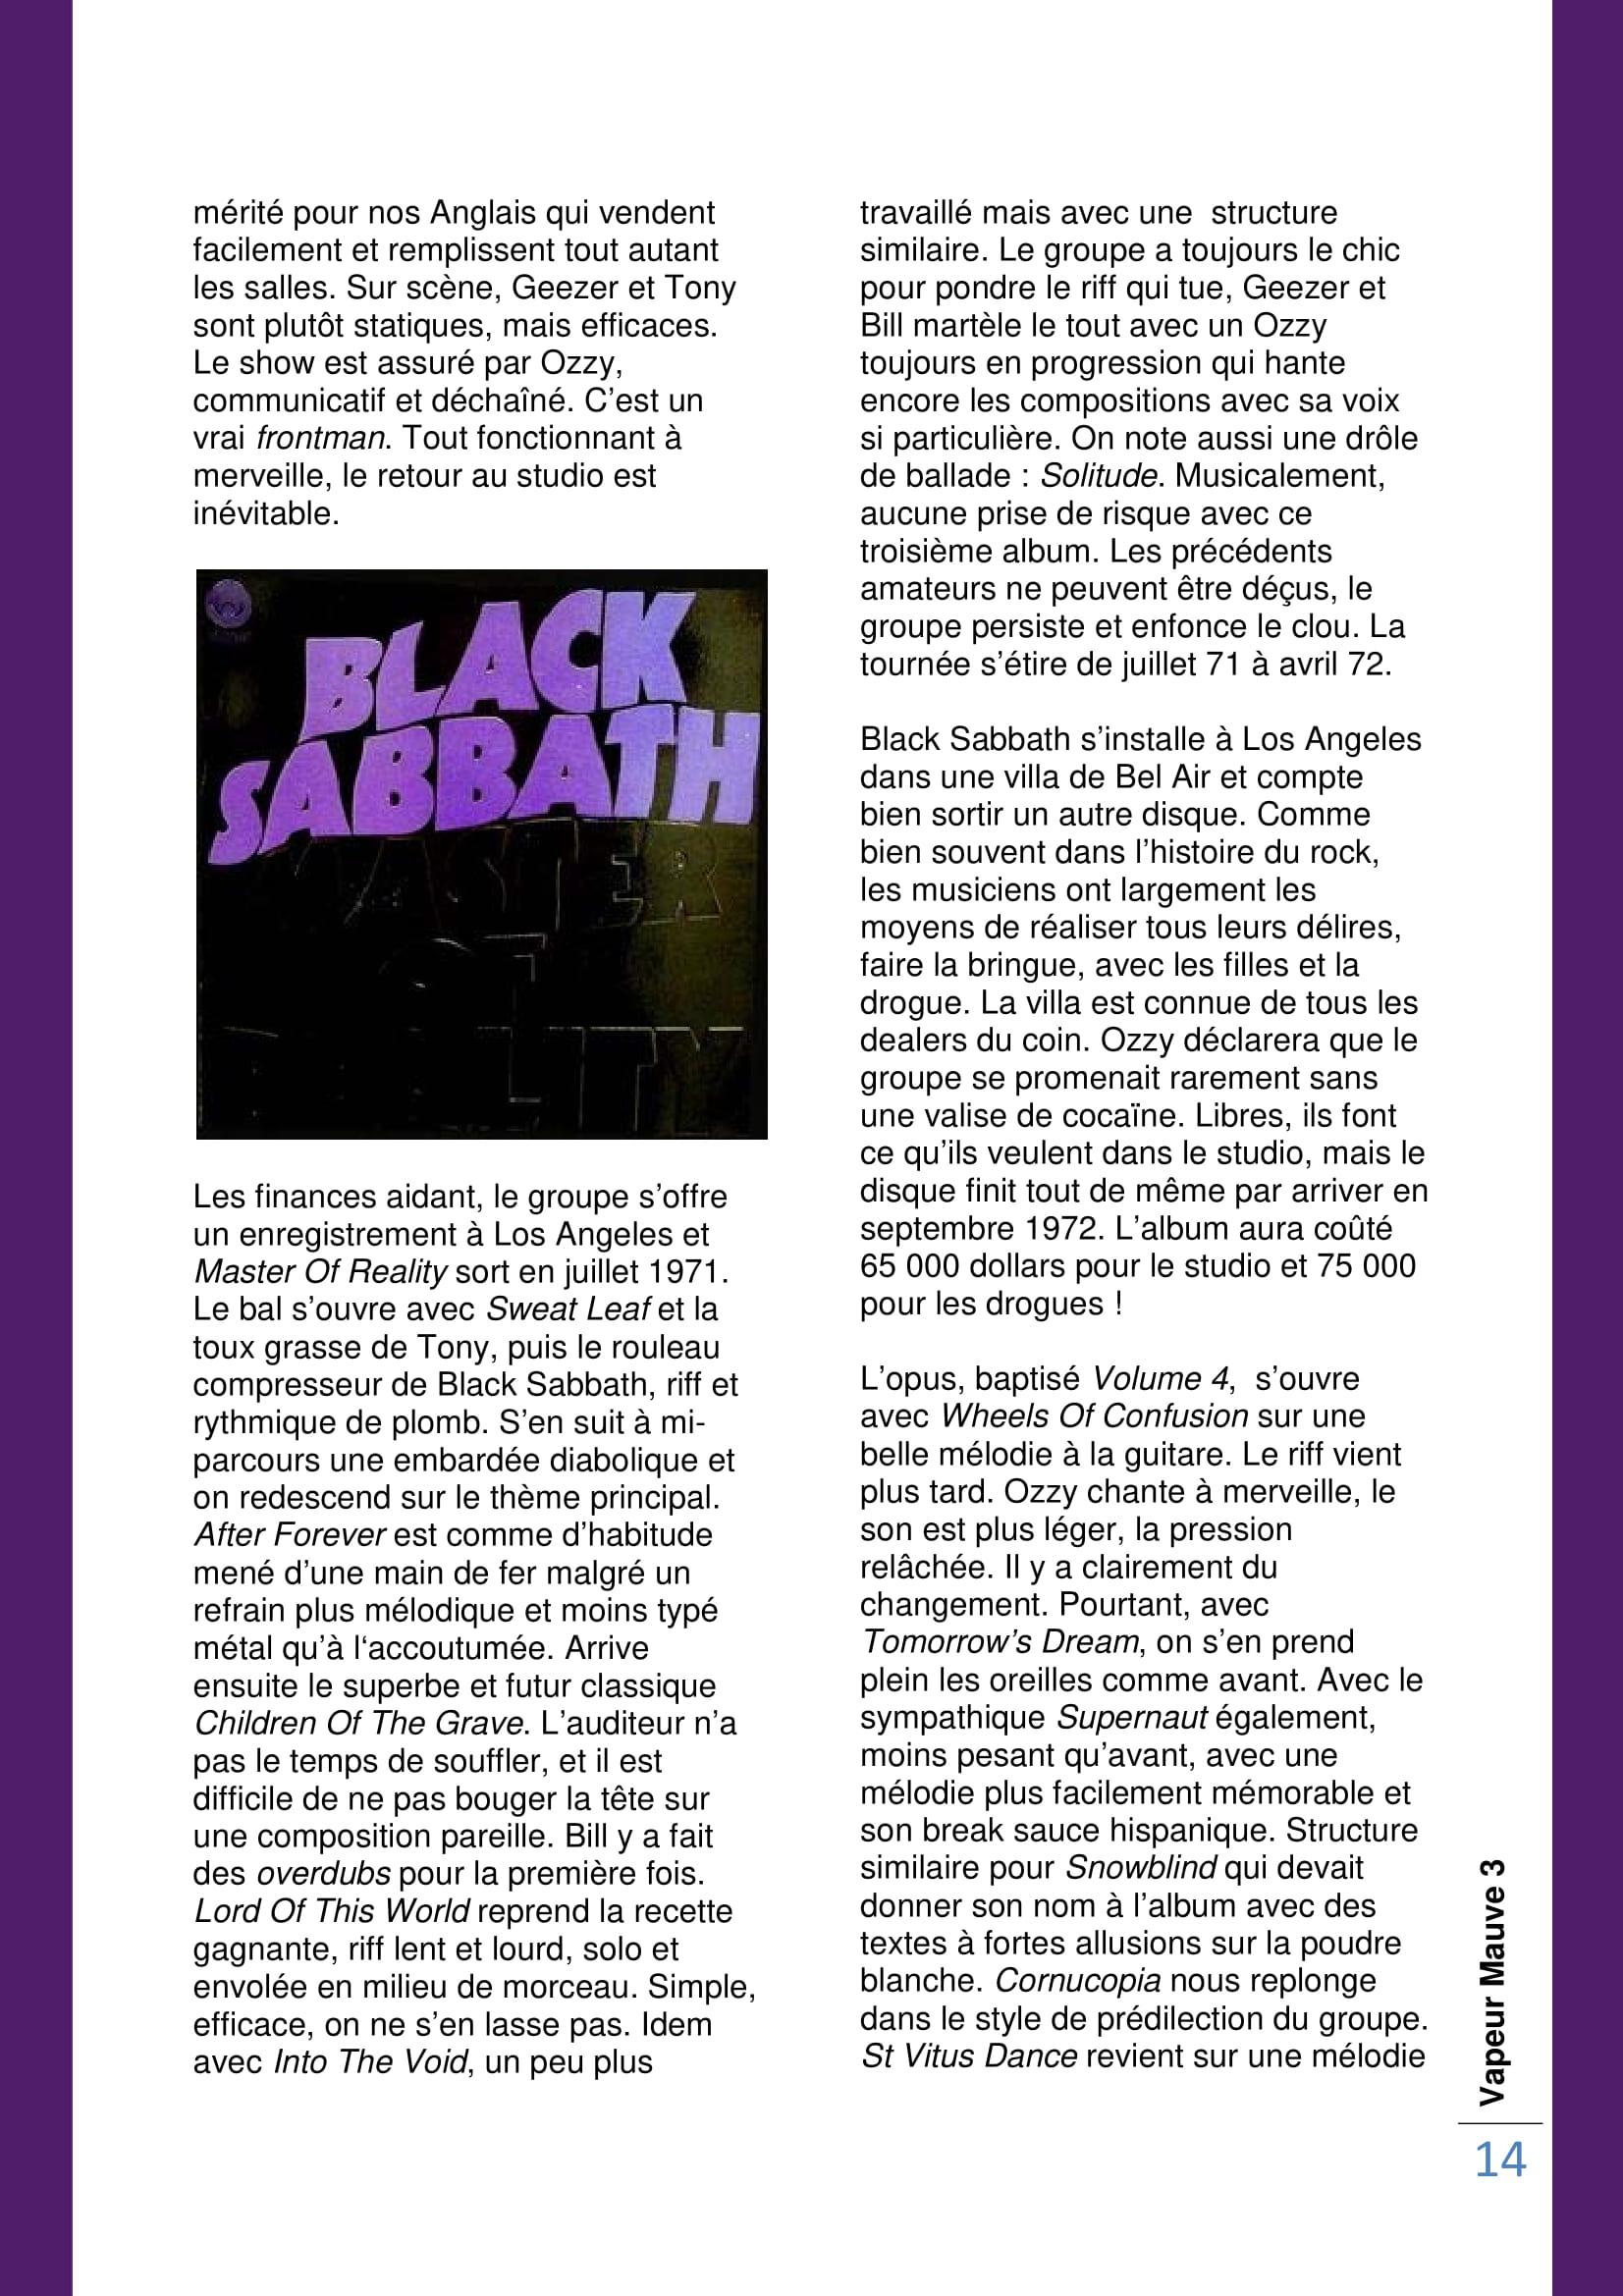 BLACK SABBATH 1970/1973 (VAPEUR MAUVE N°3) Archive à lire Vapeur11